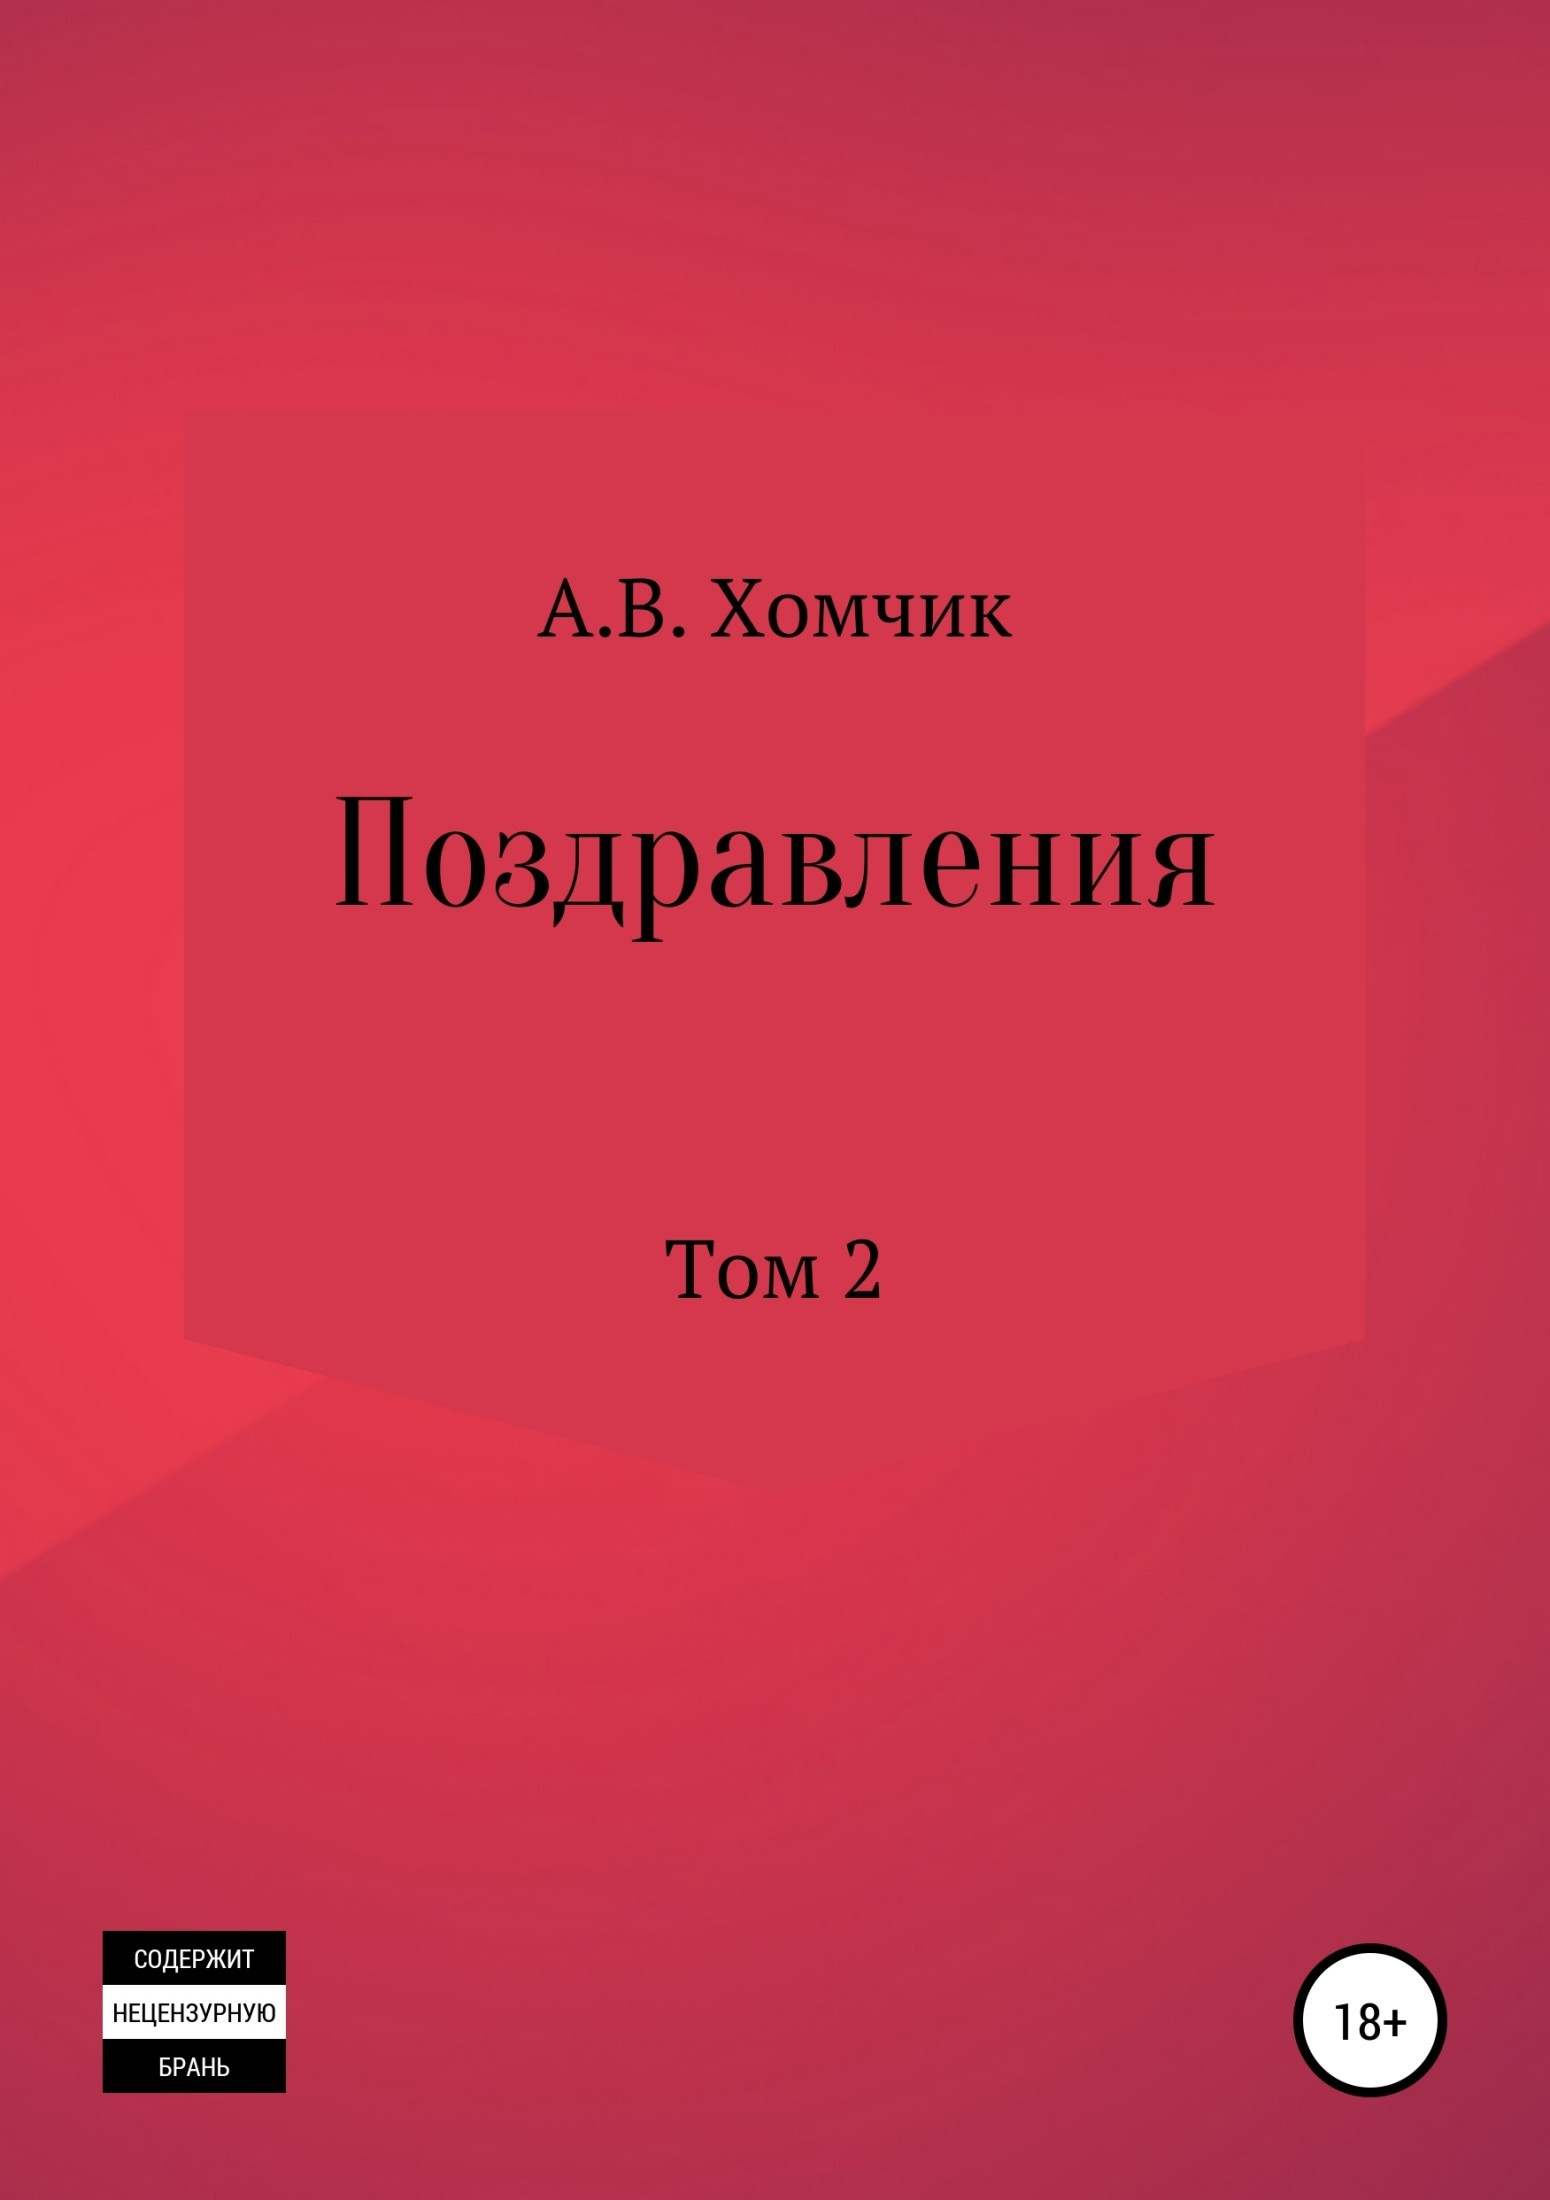 Александр Хомчик - Поздравления. Том 2й